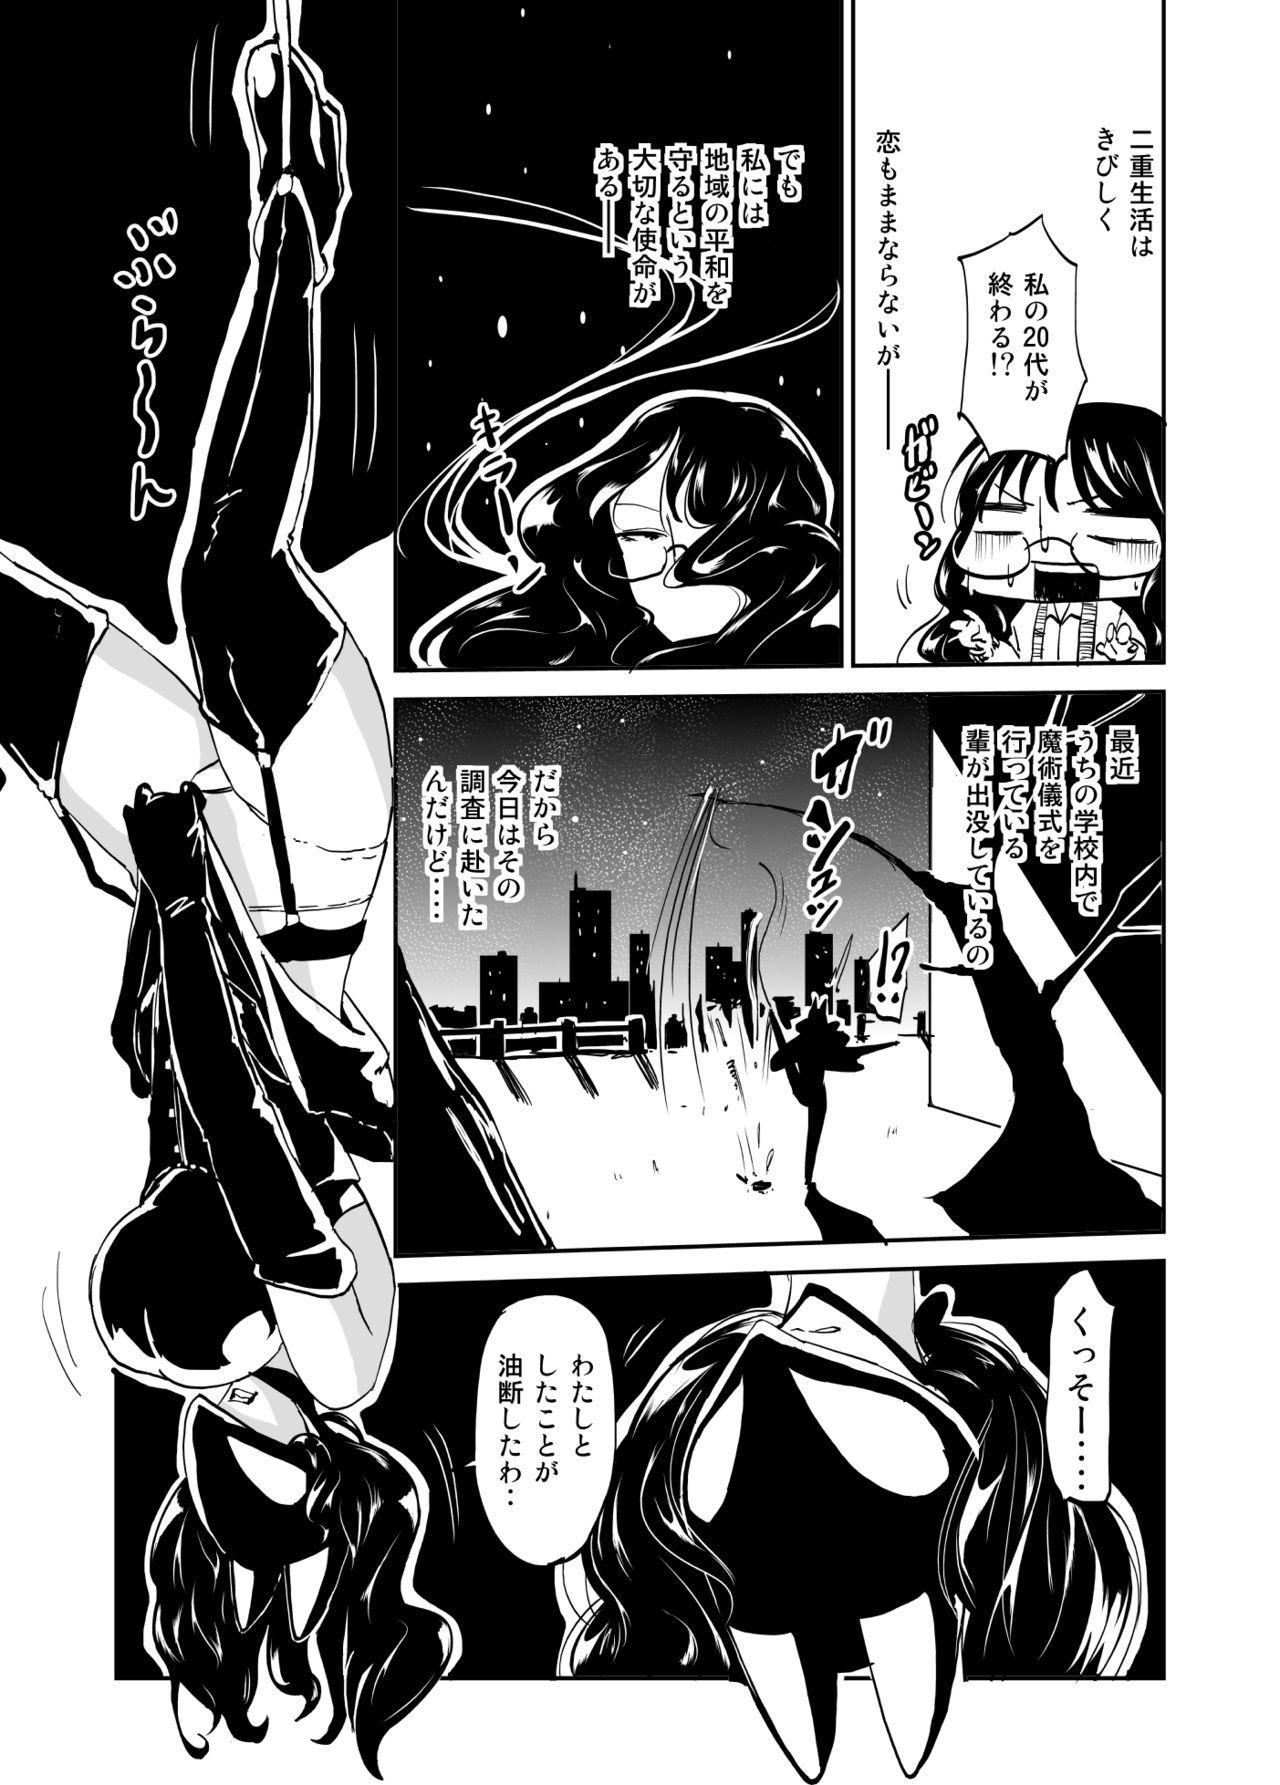 Majutsu Kessha no Onna Kanbu Ken Kyoushi no Pants ga Dasai 1